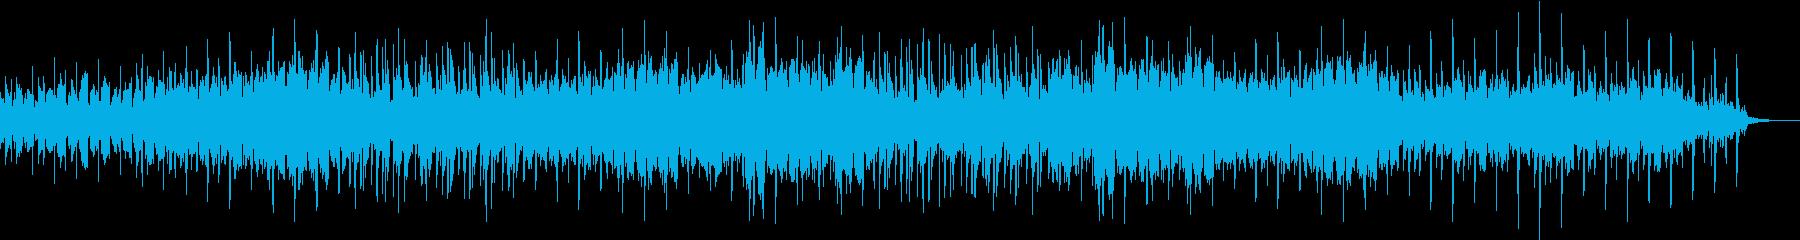 イベントのオープニングMの再生済みの波形